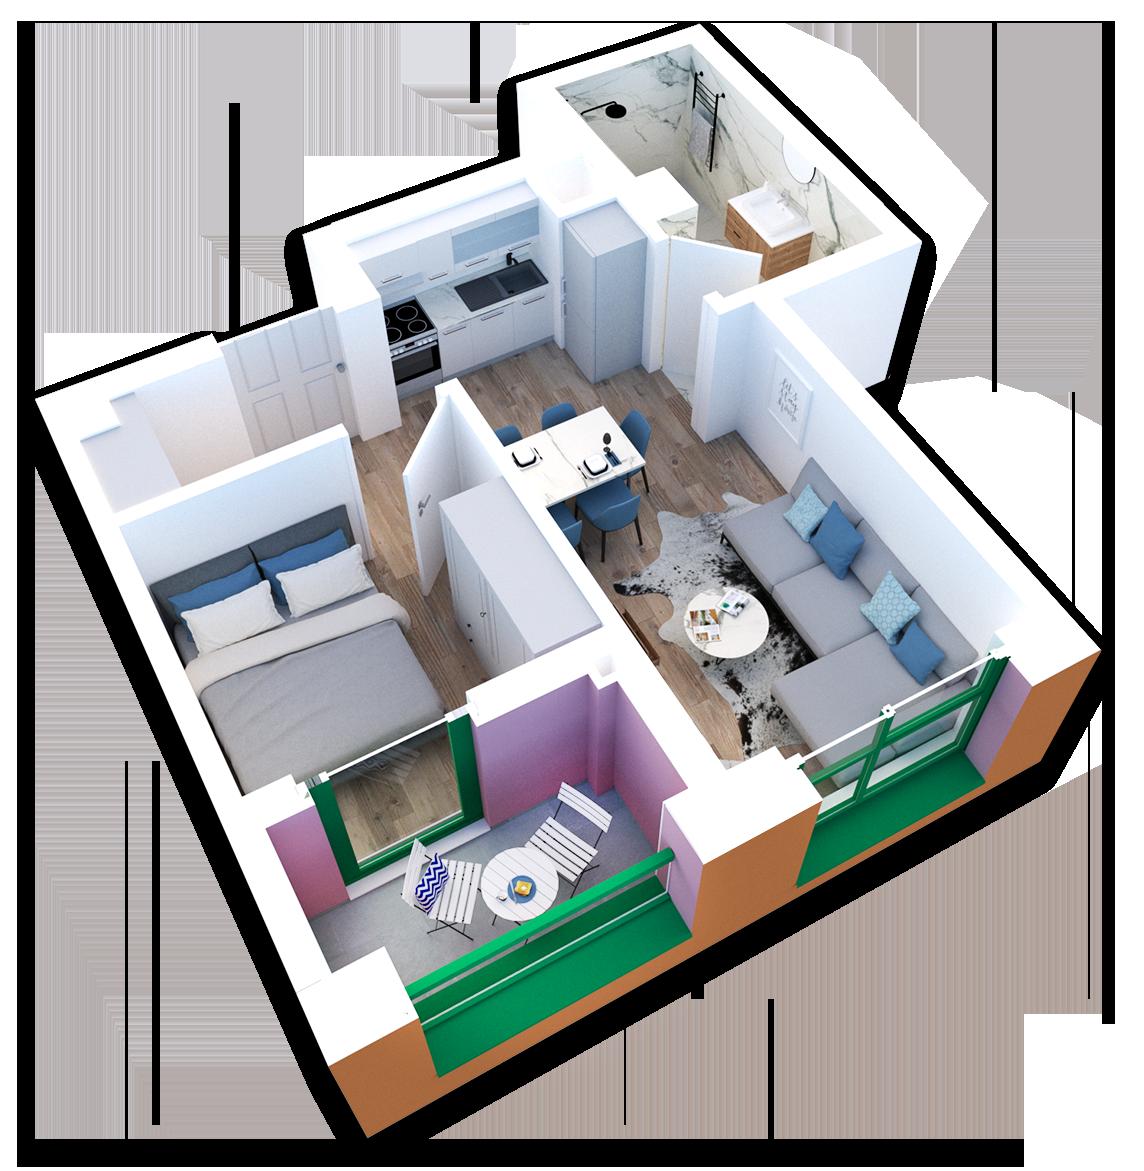 Apartament 1+1 në shitje në Tiranë - Mangalem 21 Shkalla 23 Kati 7